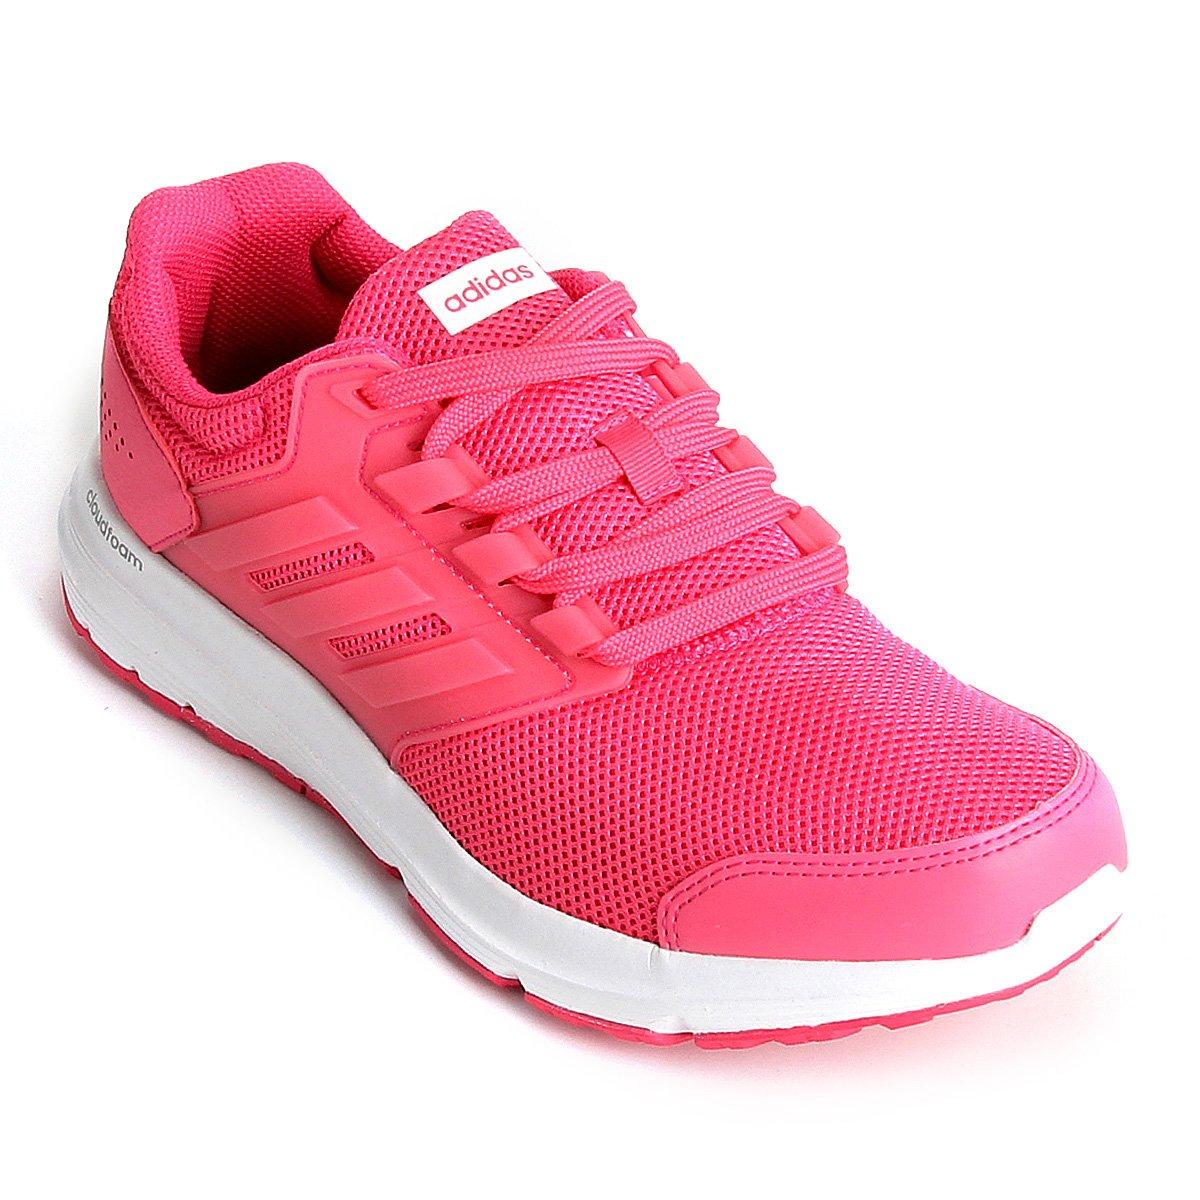 df9c0587be Tênis Adidas Galaxy 4 Feminino - Rosa - Compre Agora